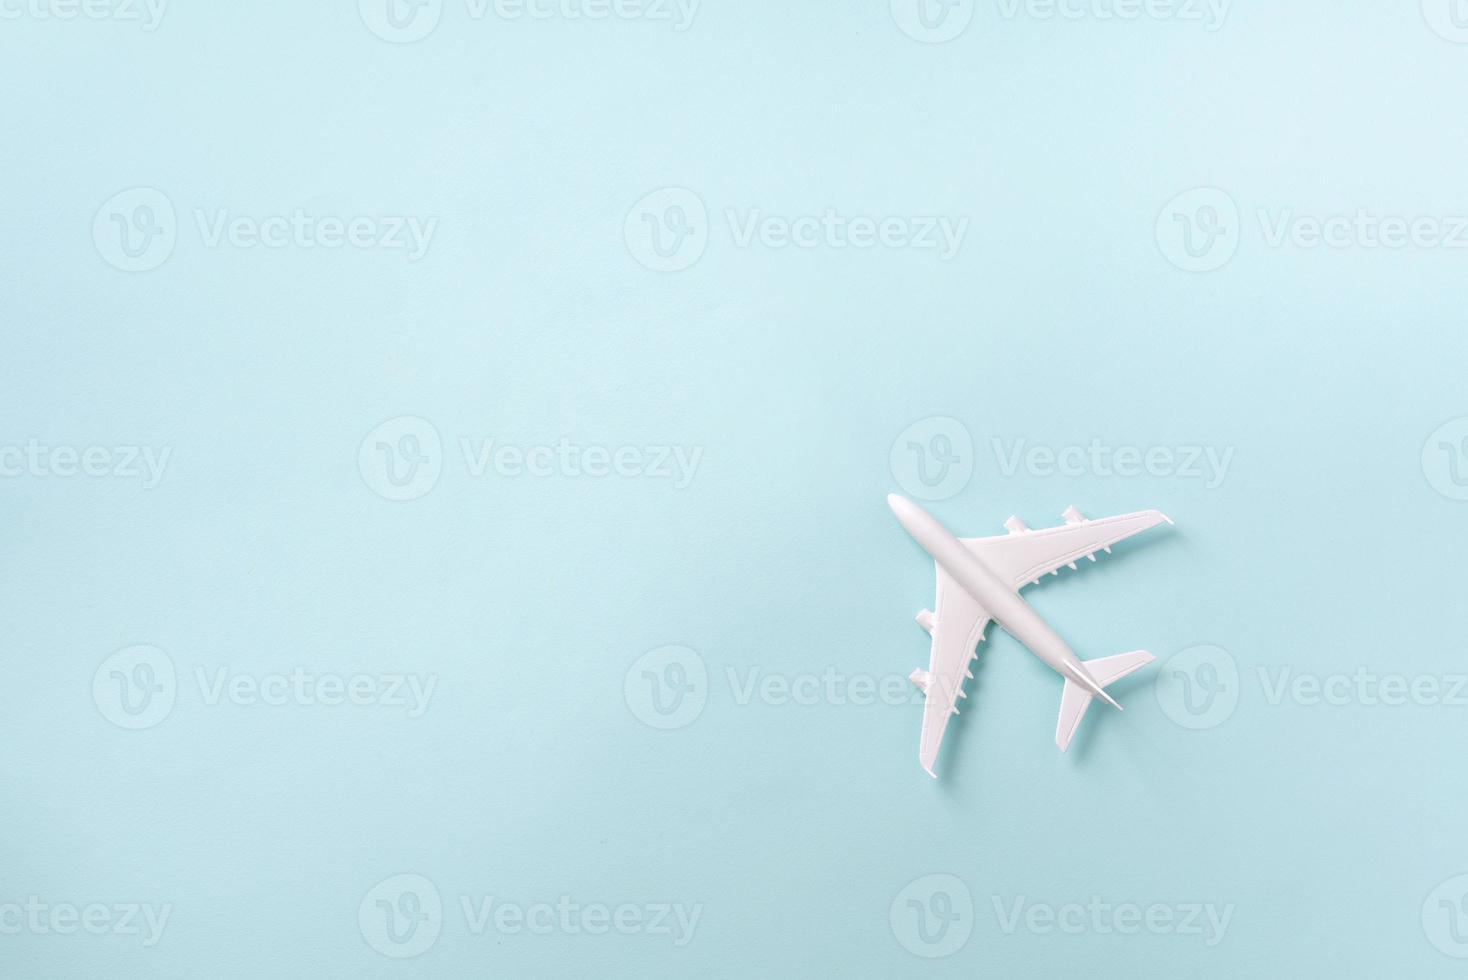 aereo bianco, aereo su sfondo blu color pastello con spazio di copia. vista dall'alto, piatto. design in stile minimale. viaggio, concetto di vacanza foto